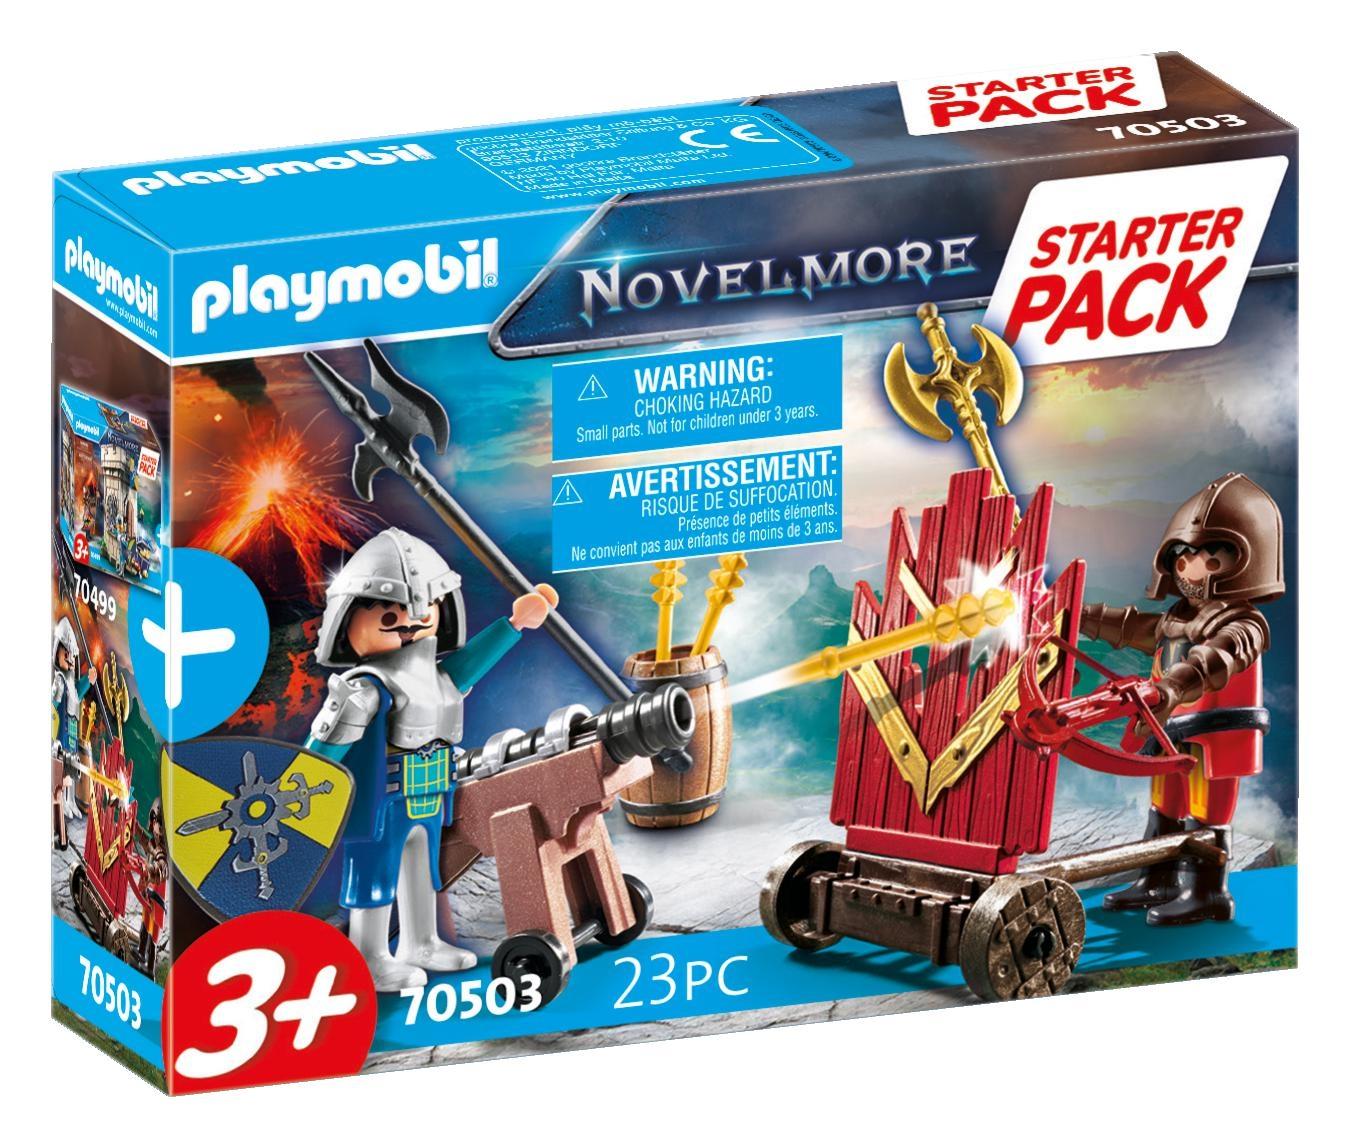 Playmobil Novelmore: Starter Pack Novelmore - zestaw dodatkowy (70503)